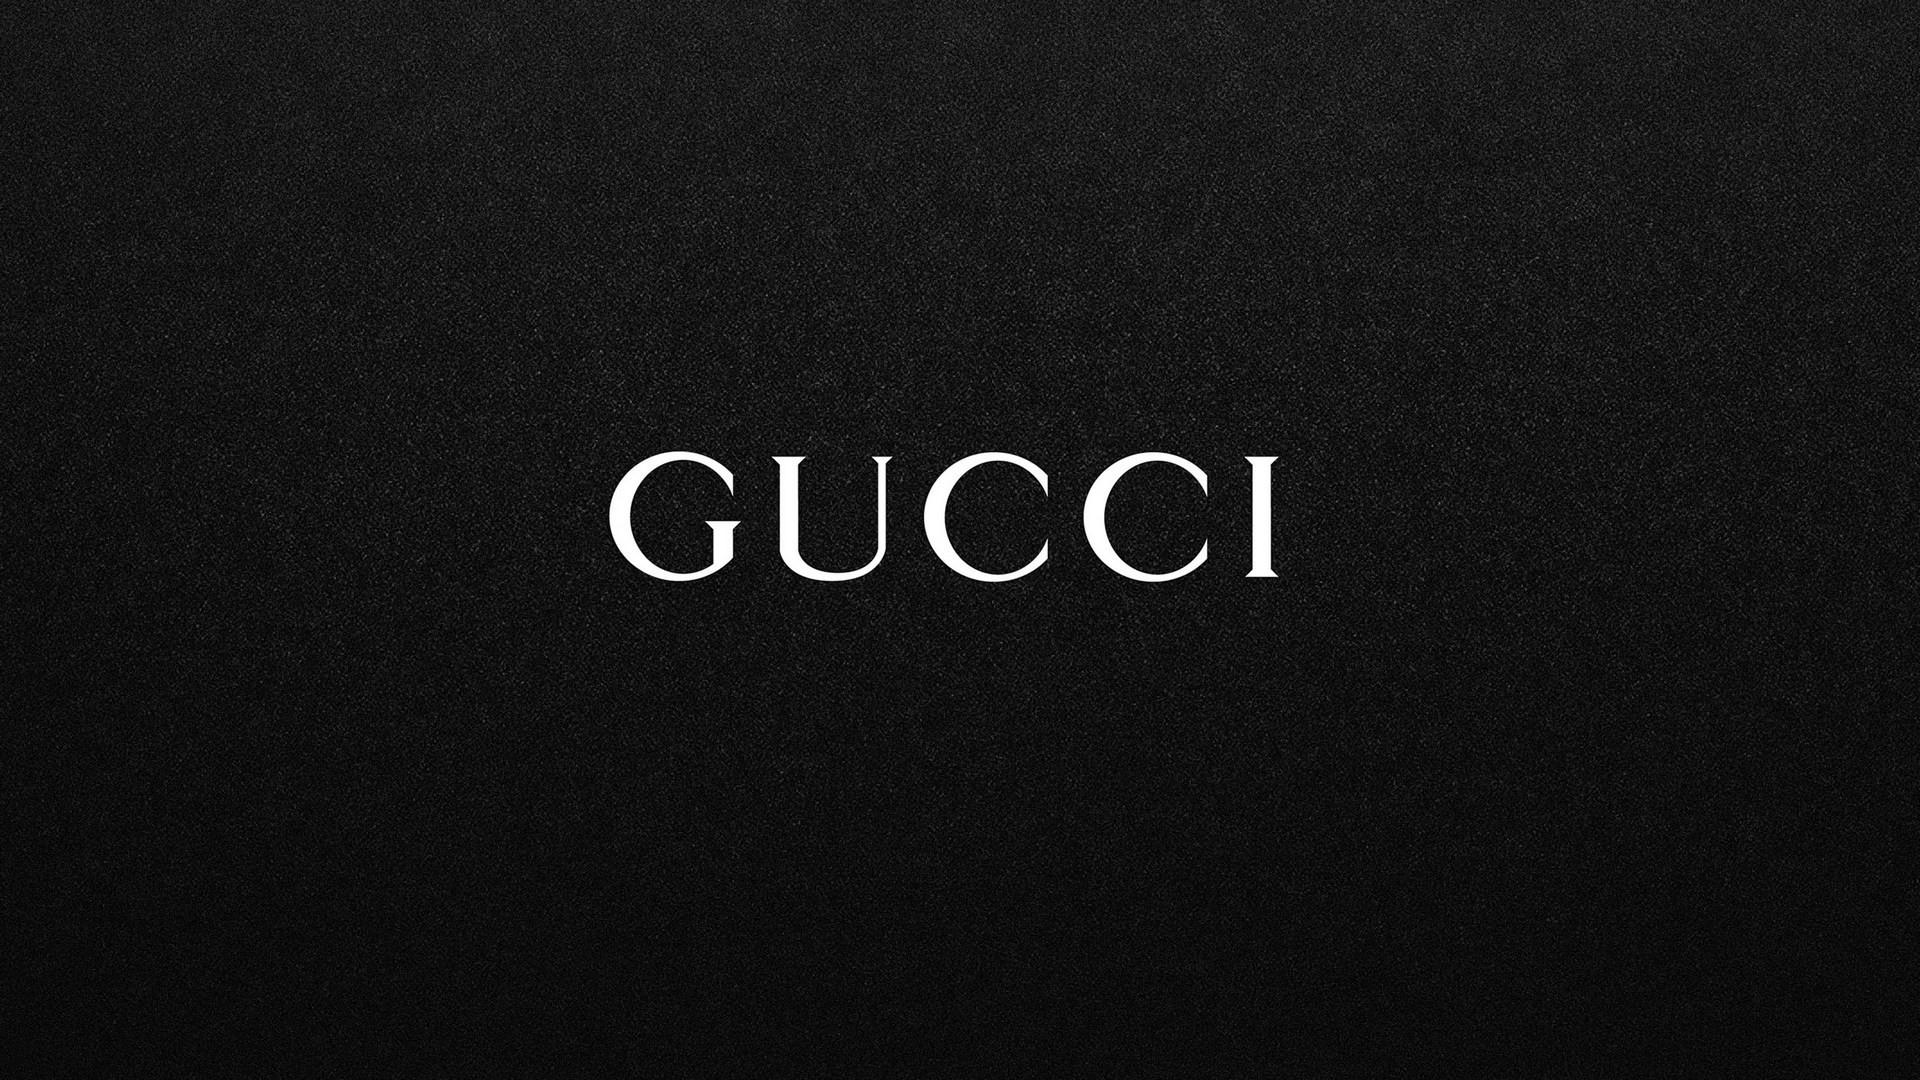 Quotes Wallpaper Hd 1366x768 Gucci Logo Wallpaper 183 ①